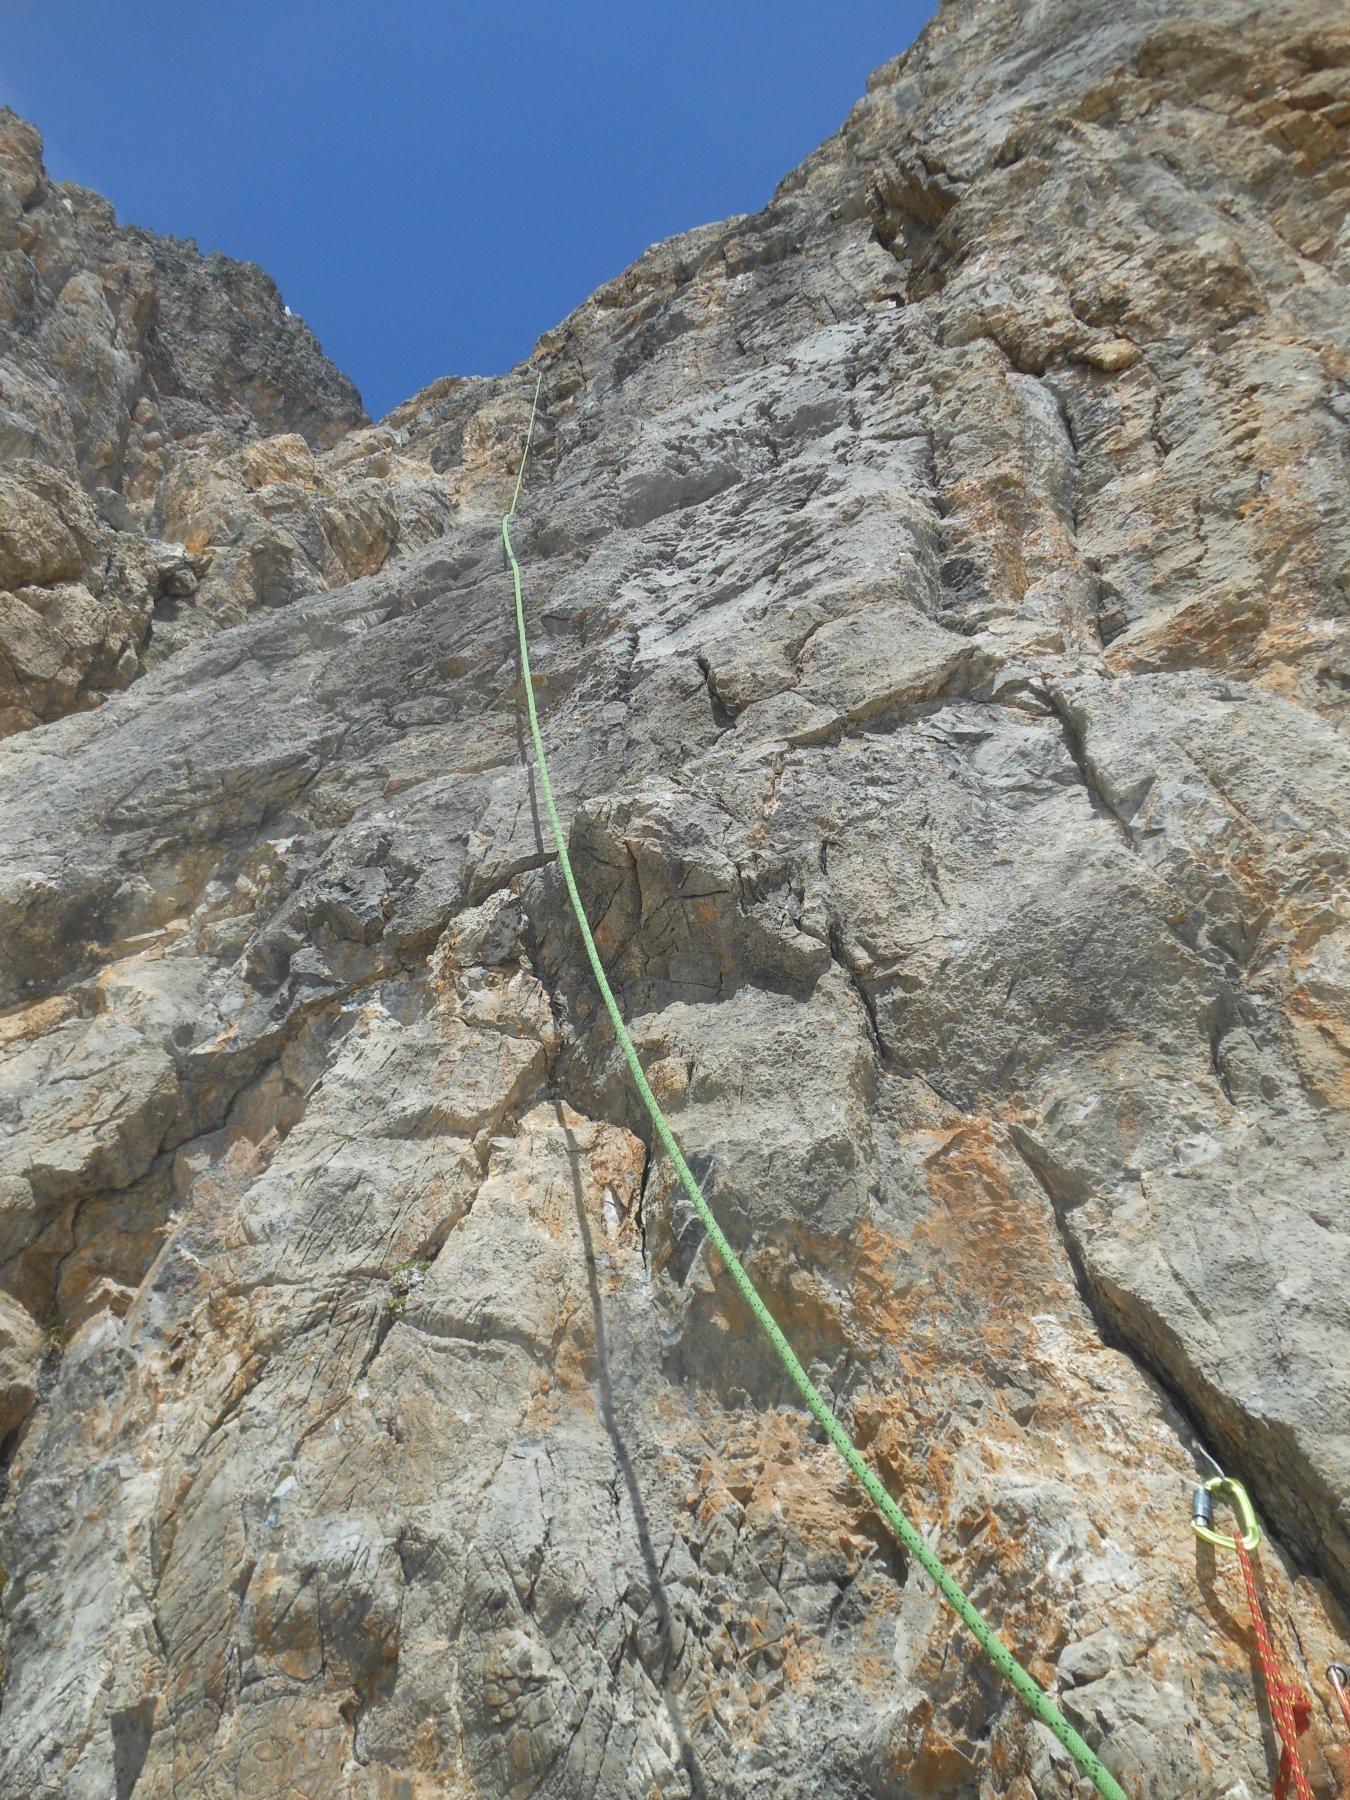 rocce nerastre a sinistra del muro di roccia rossastra con striature nere